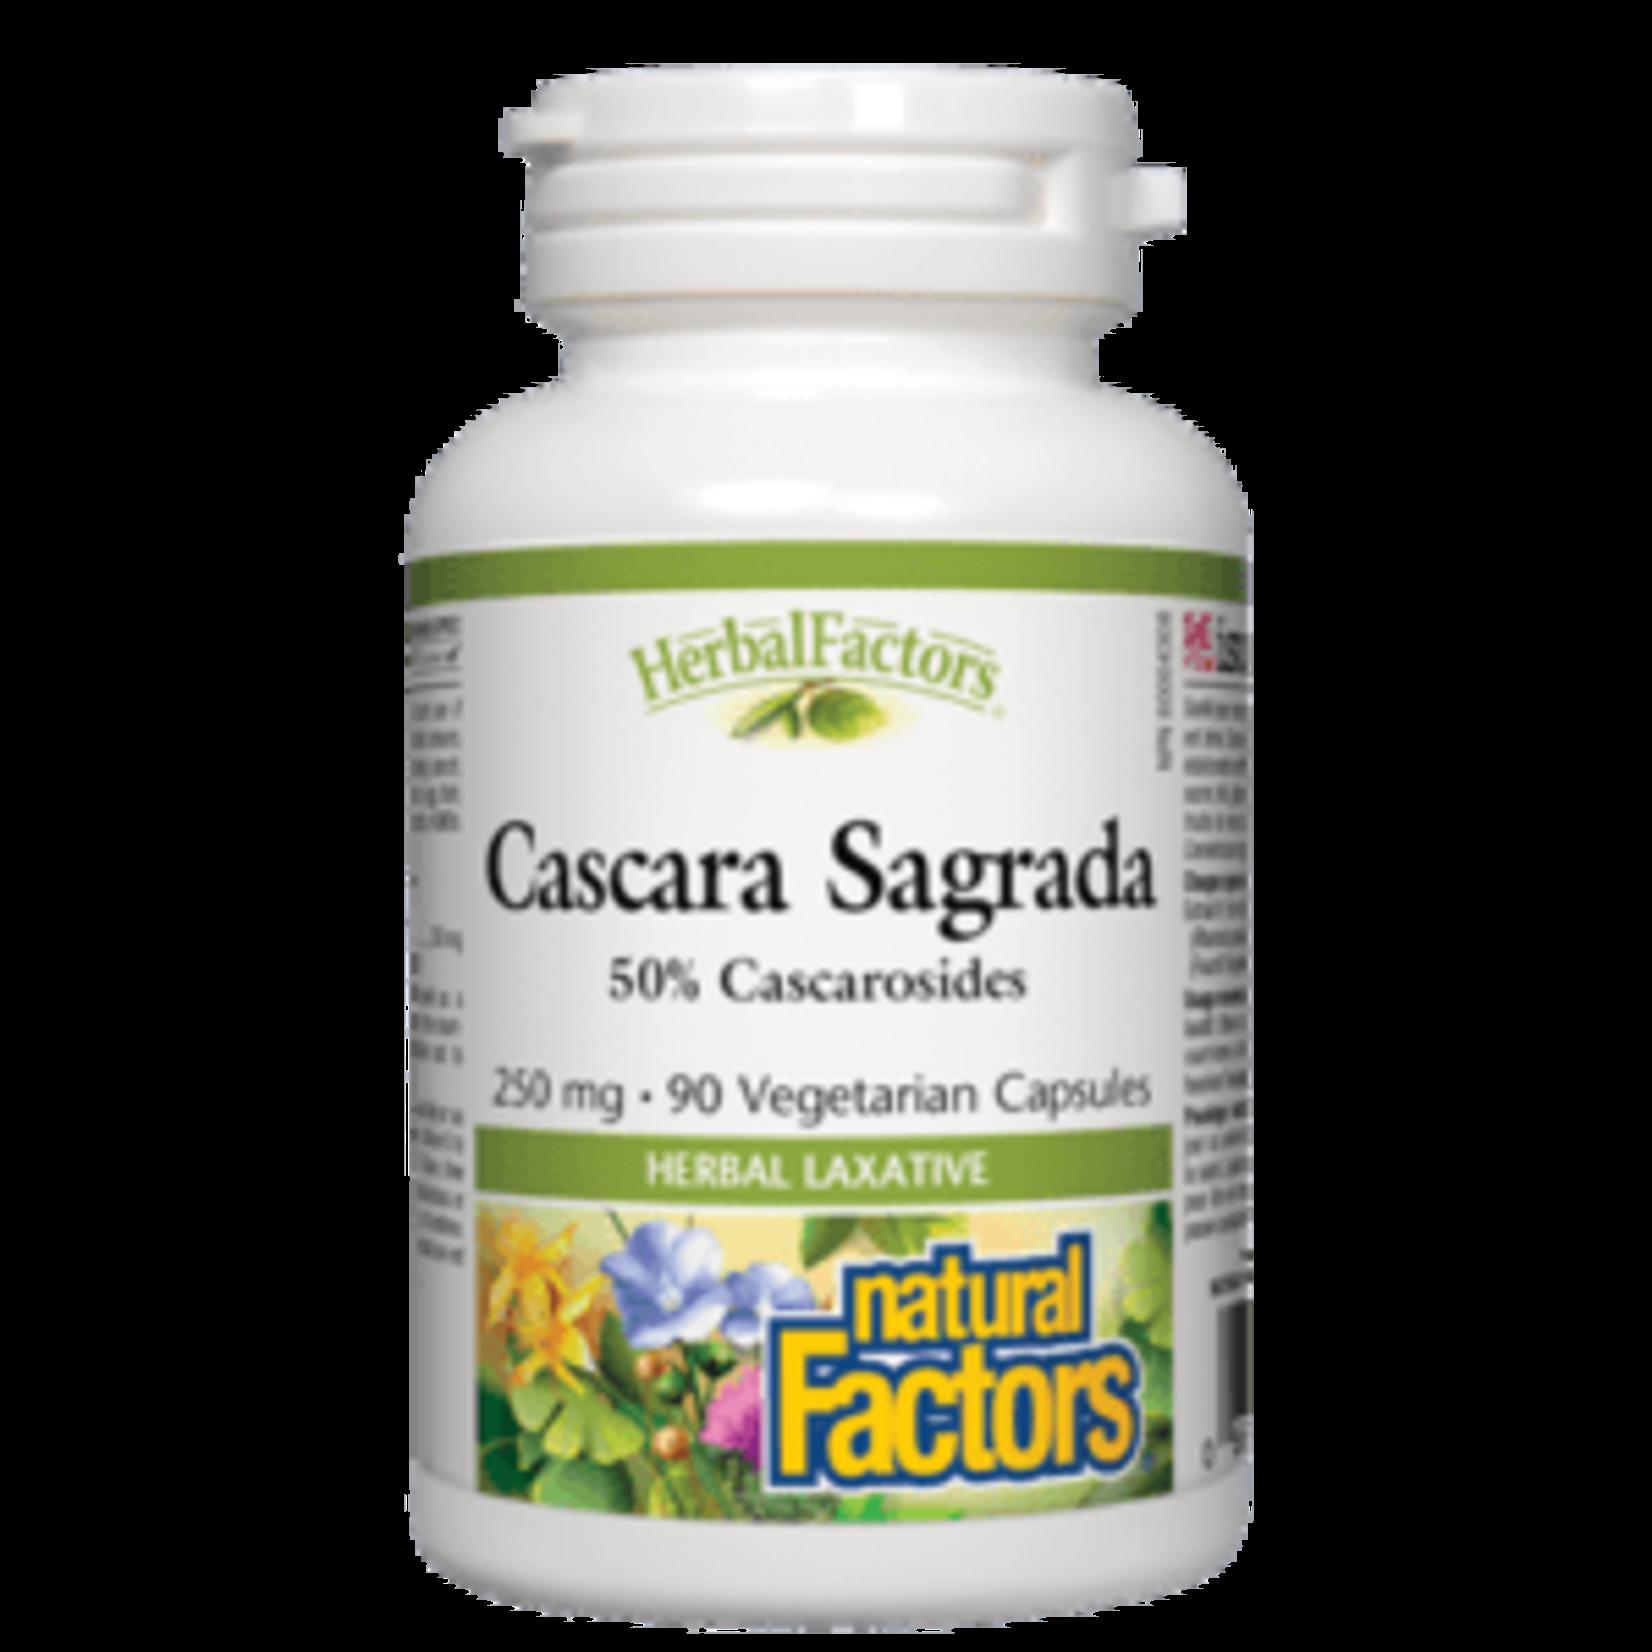 Natural Factors Natural Factors Cascara Sagrada 250mg 90 caps